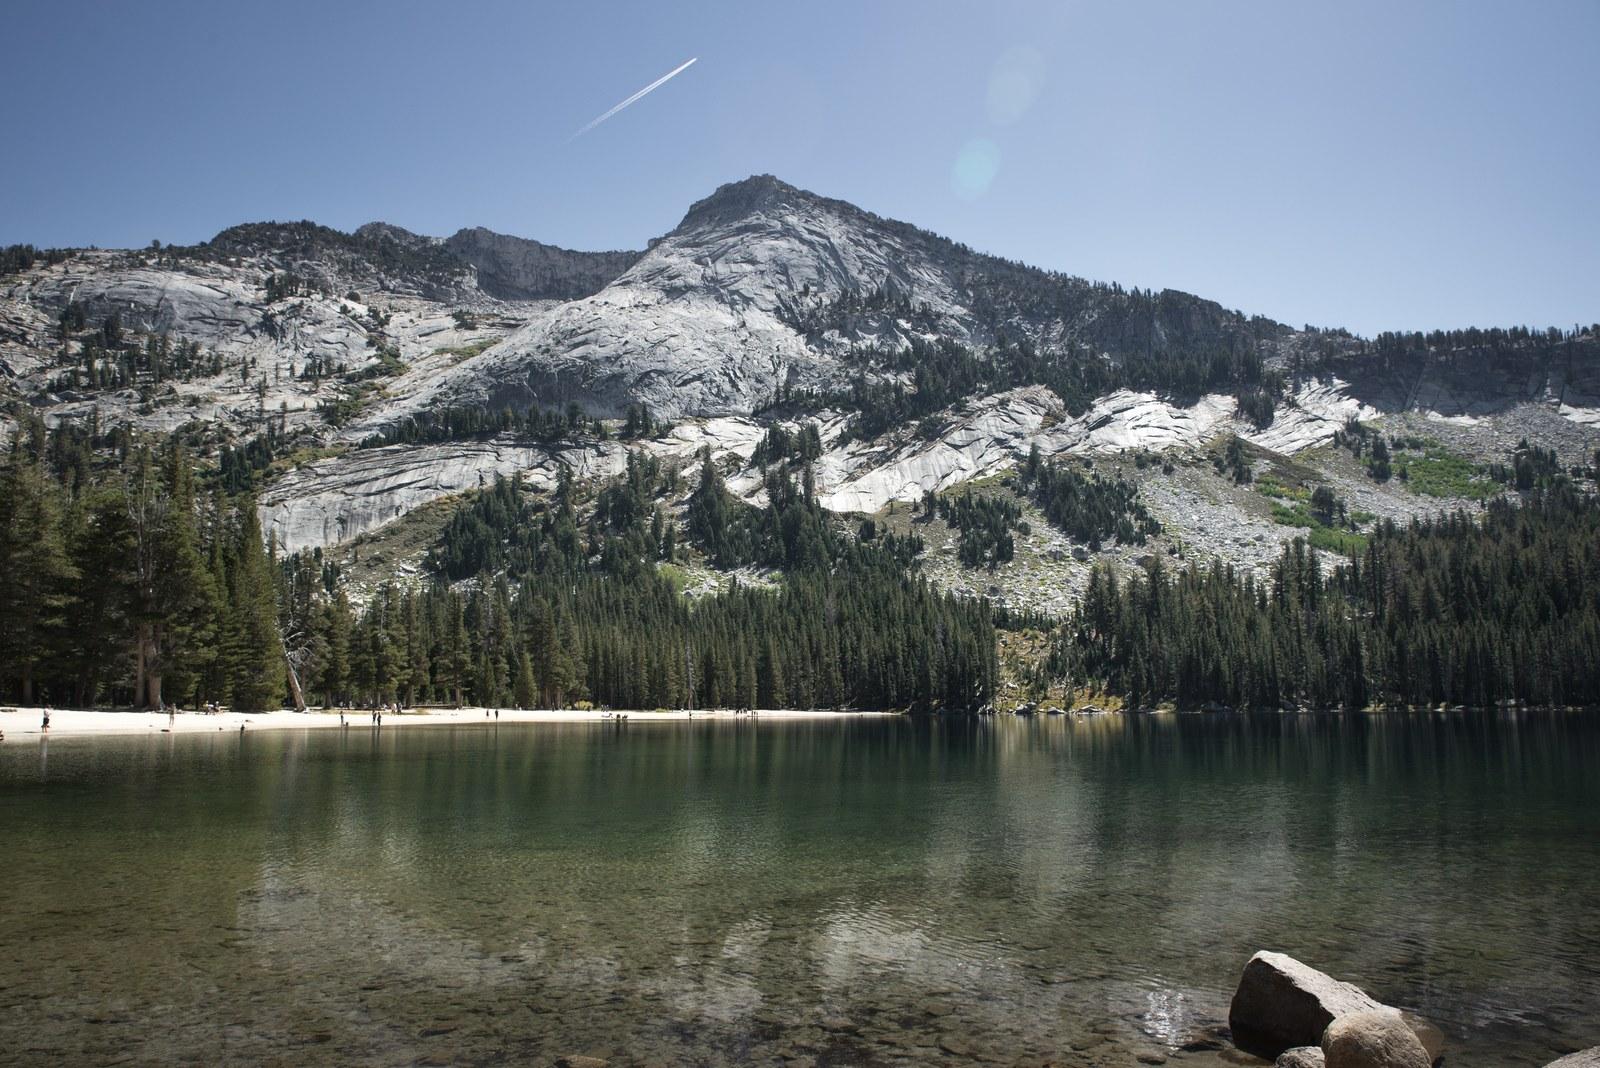 Lac, Yosemite Yosemite